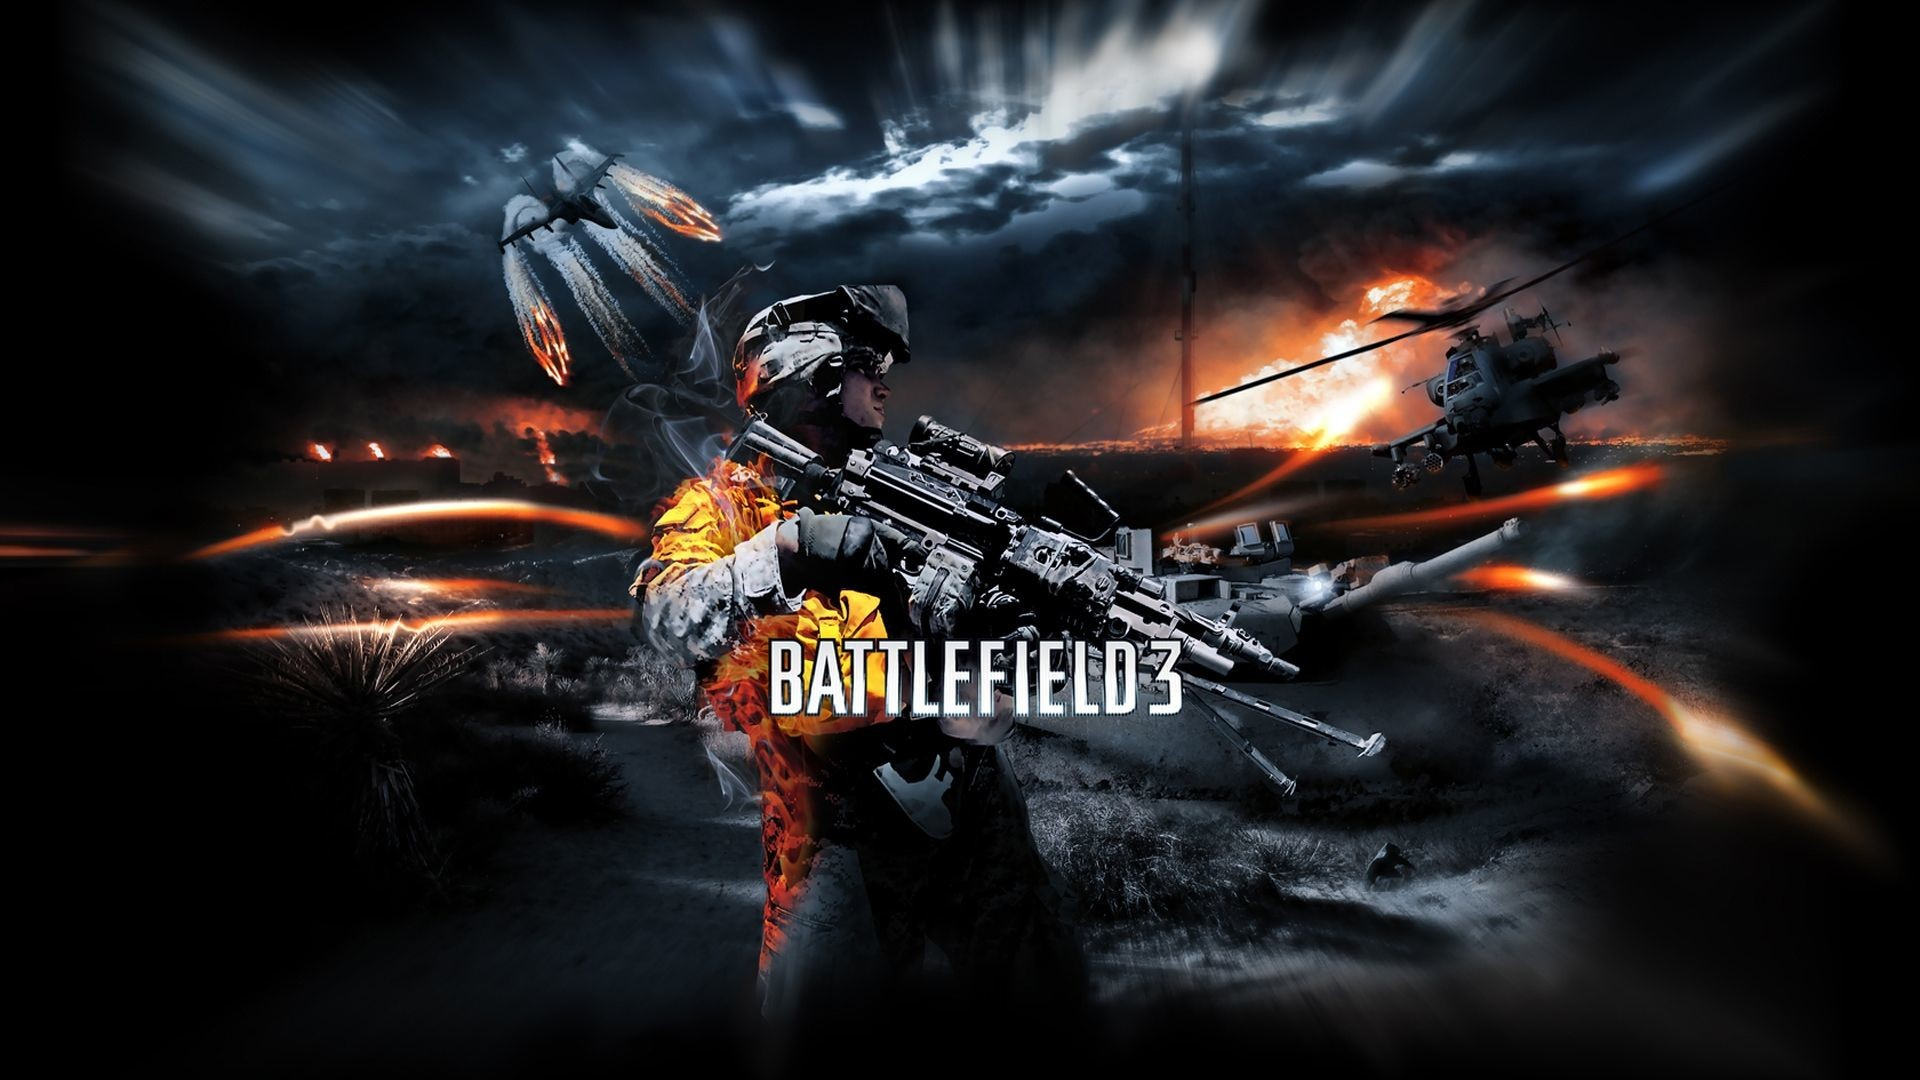 Res: 1920x1080,  Battlefield 3 Wallpaper HD 1920×1080 Pixels | Game HD Wallpaper  ... Download · battlefield 3 wallpaper ...